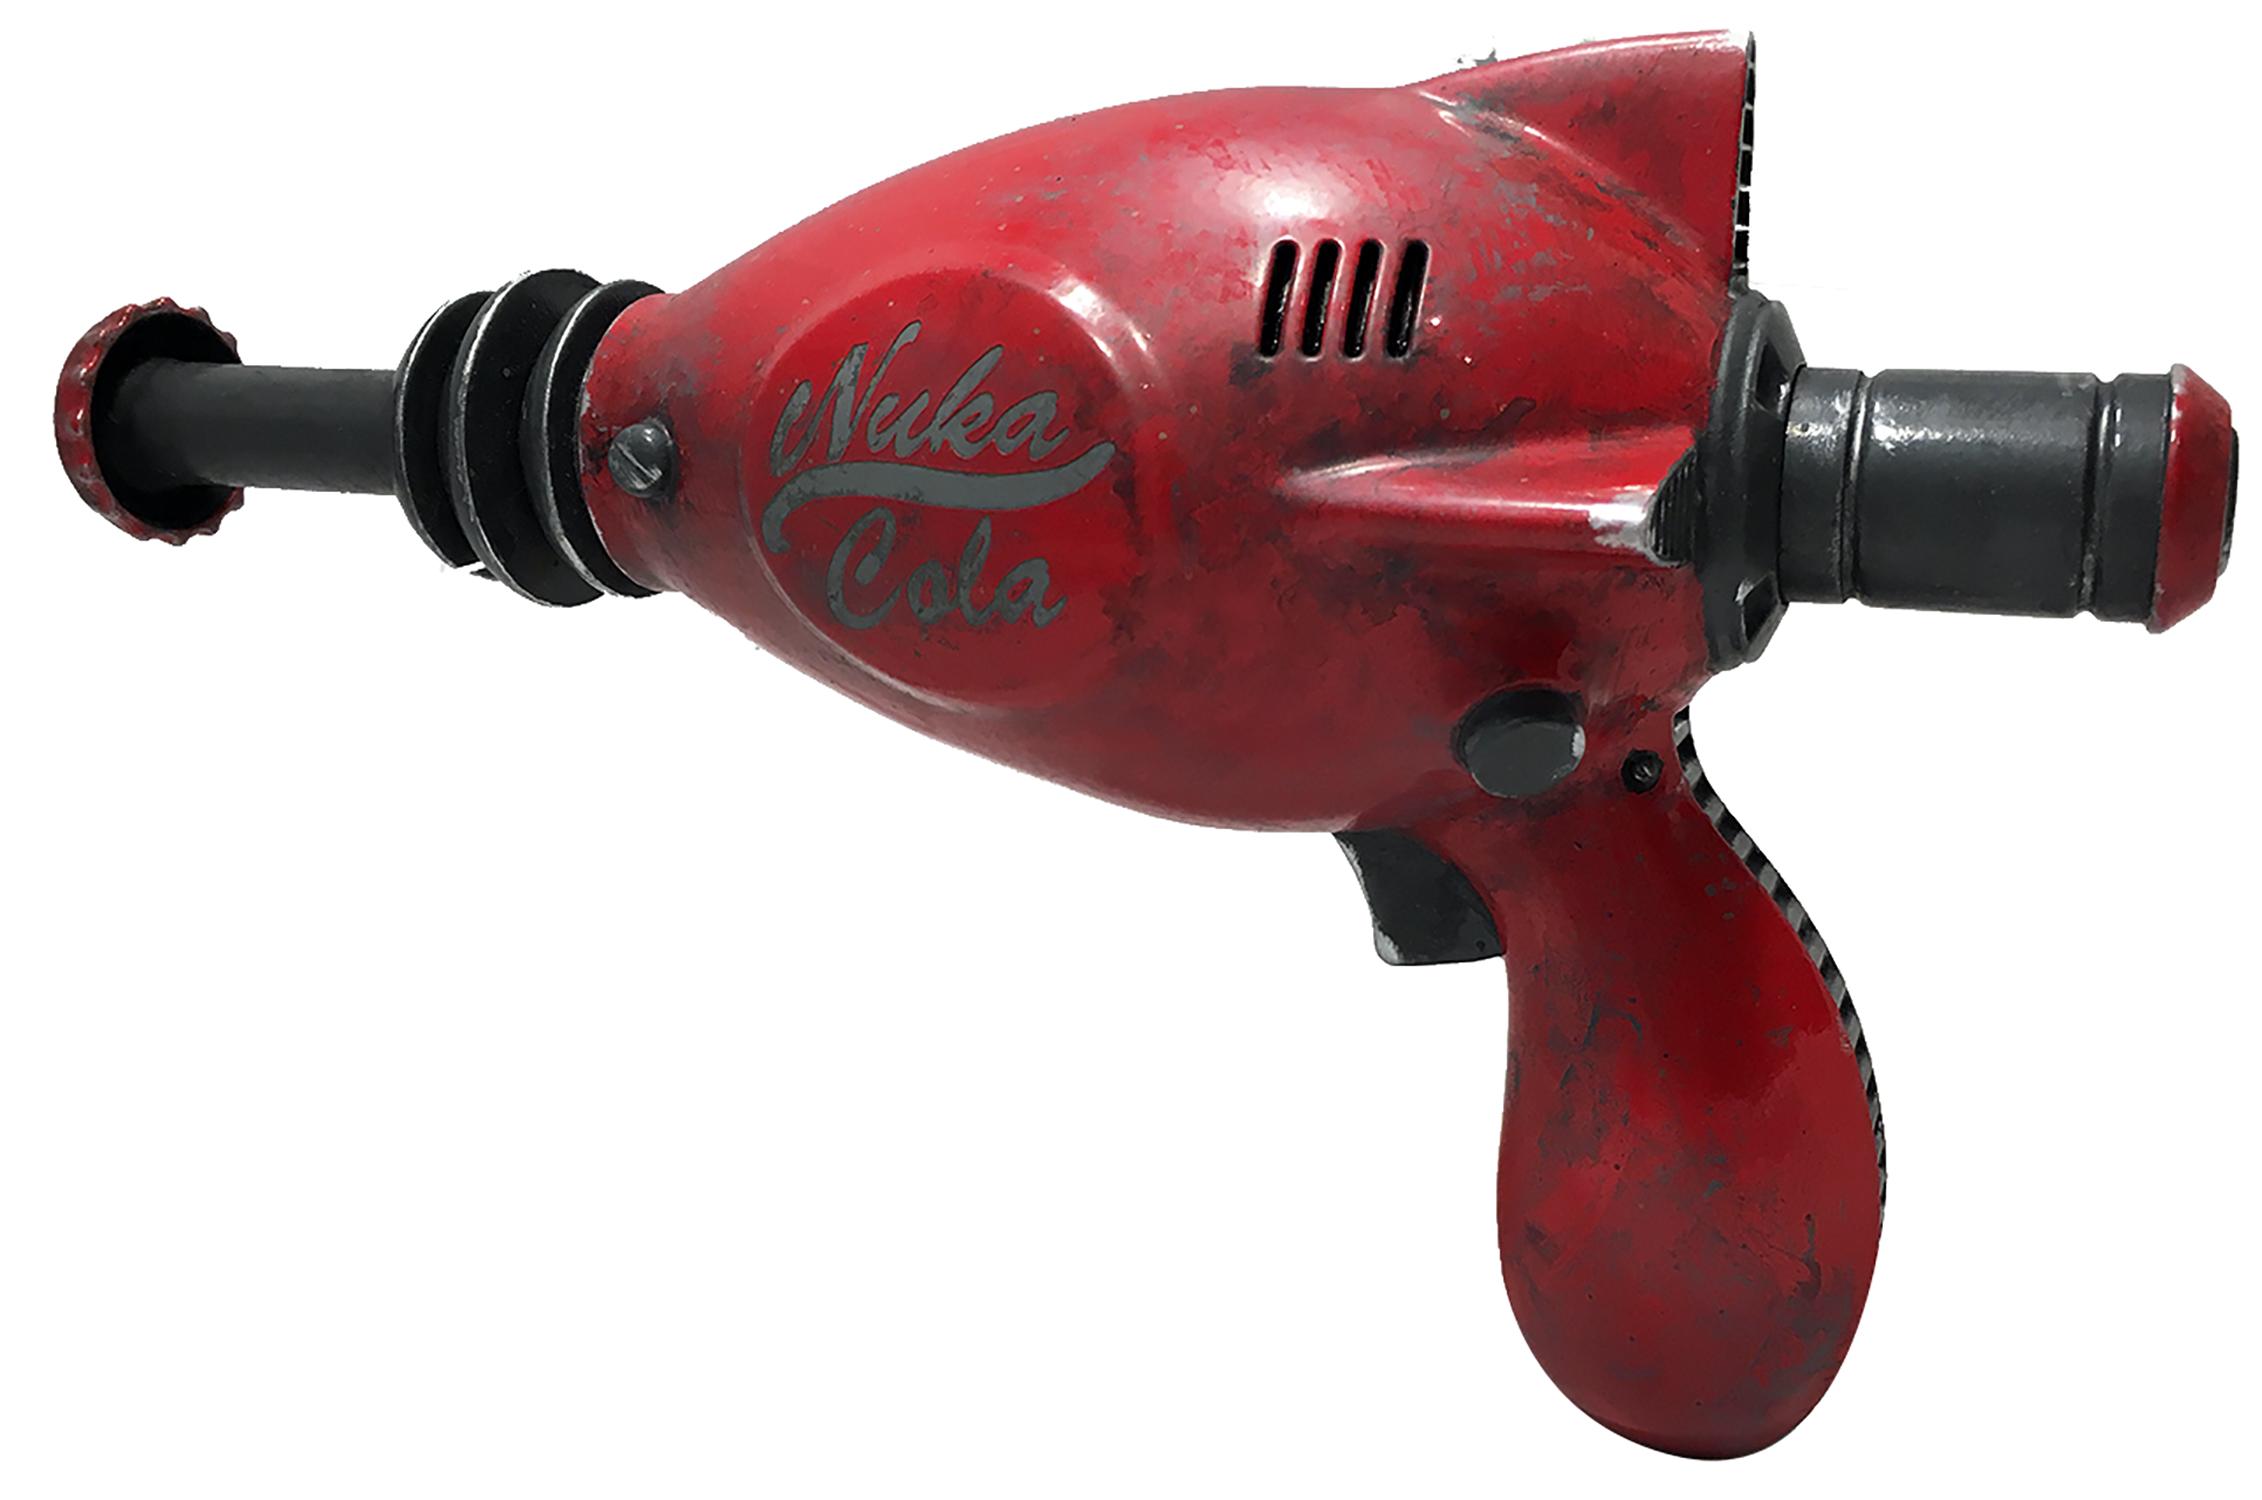 Nuka Cola Blaster Replica